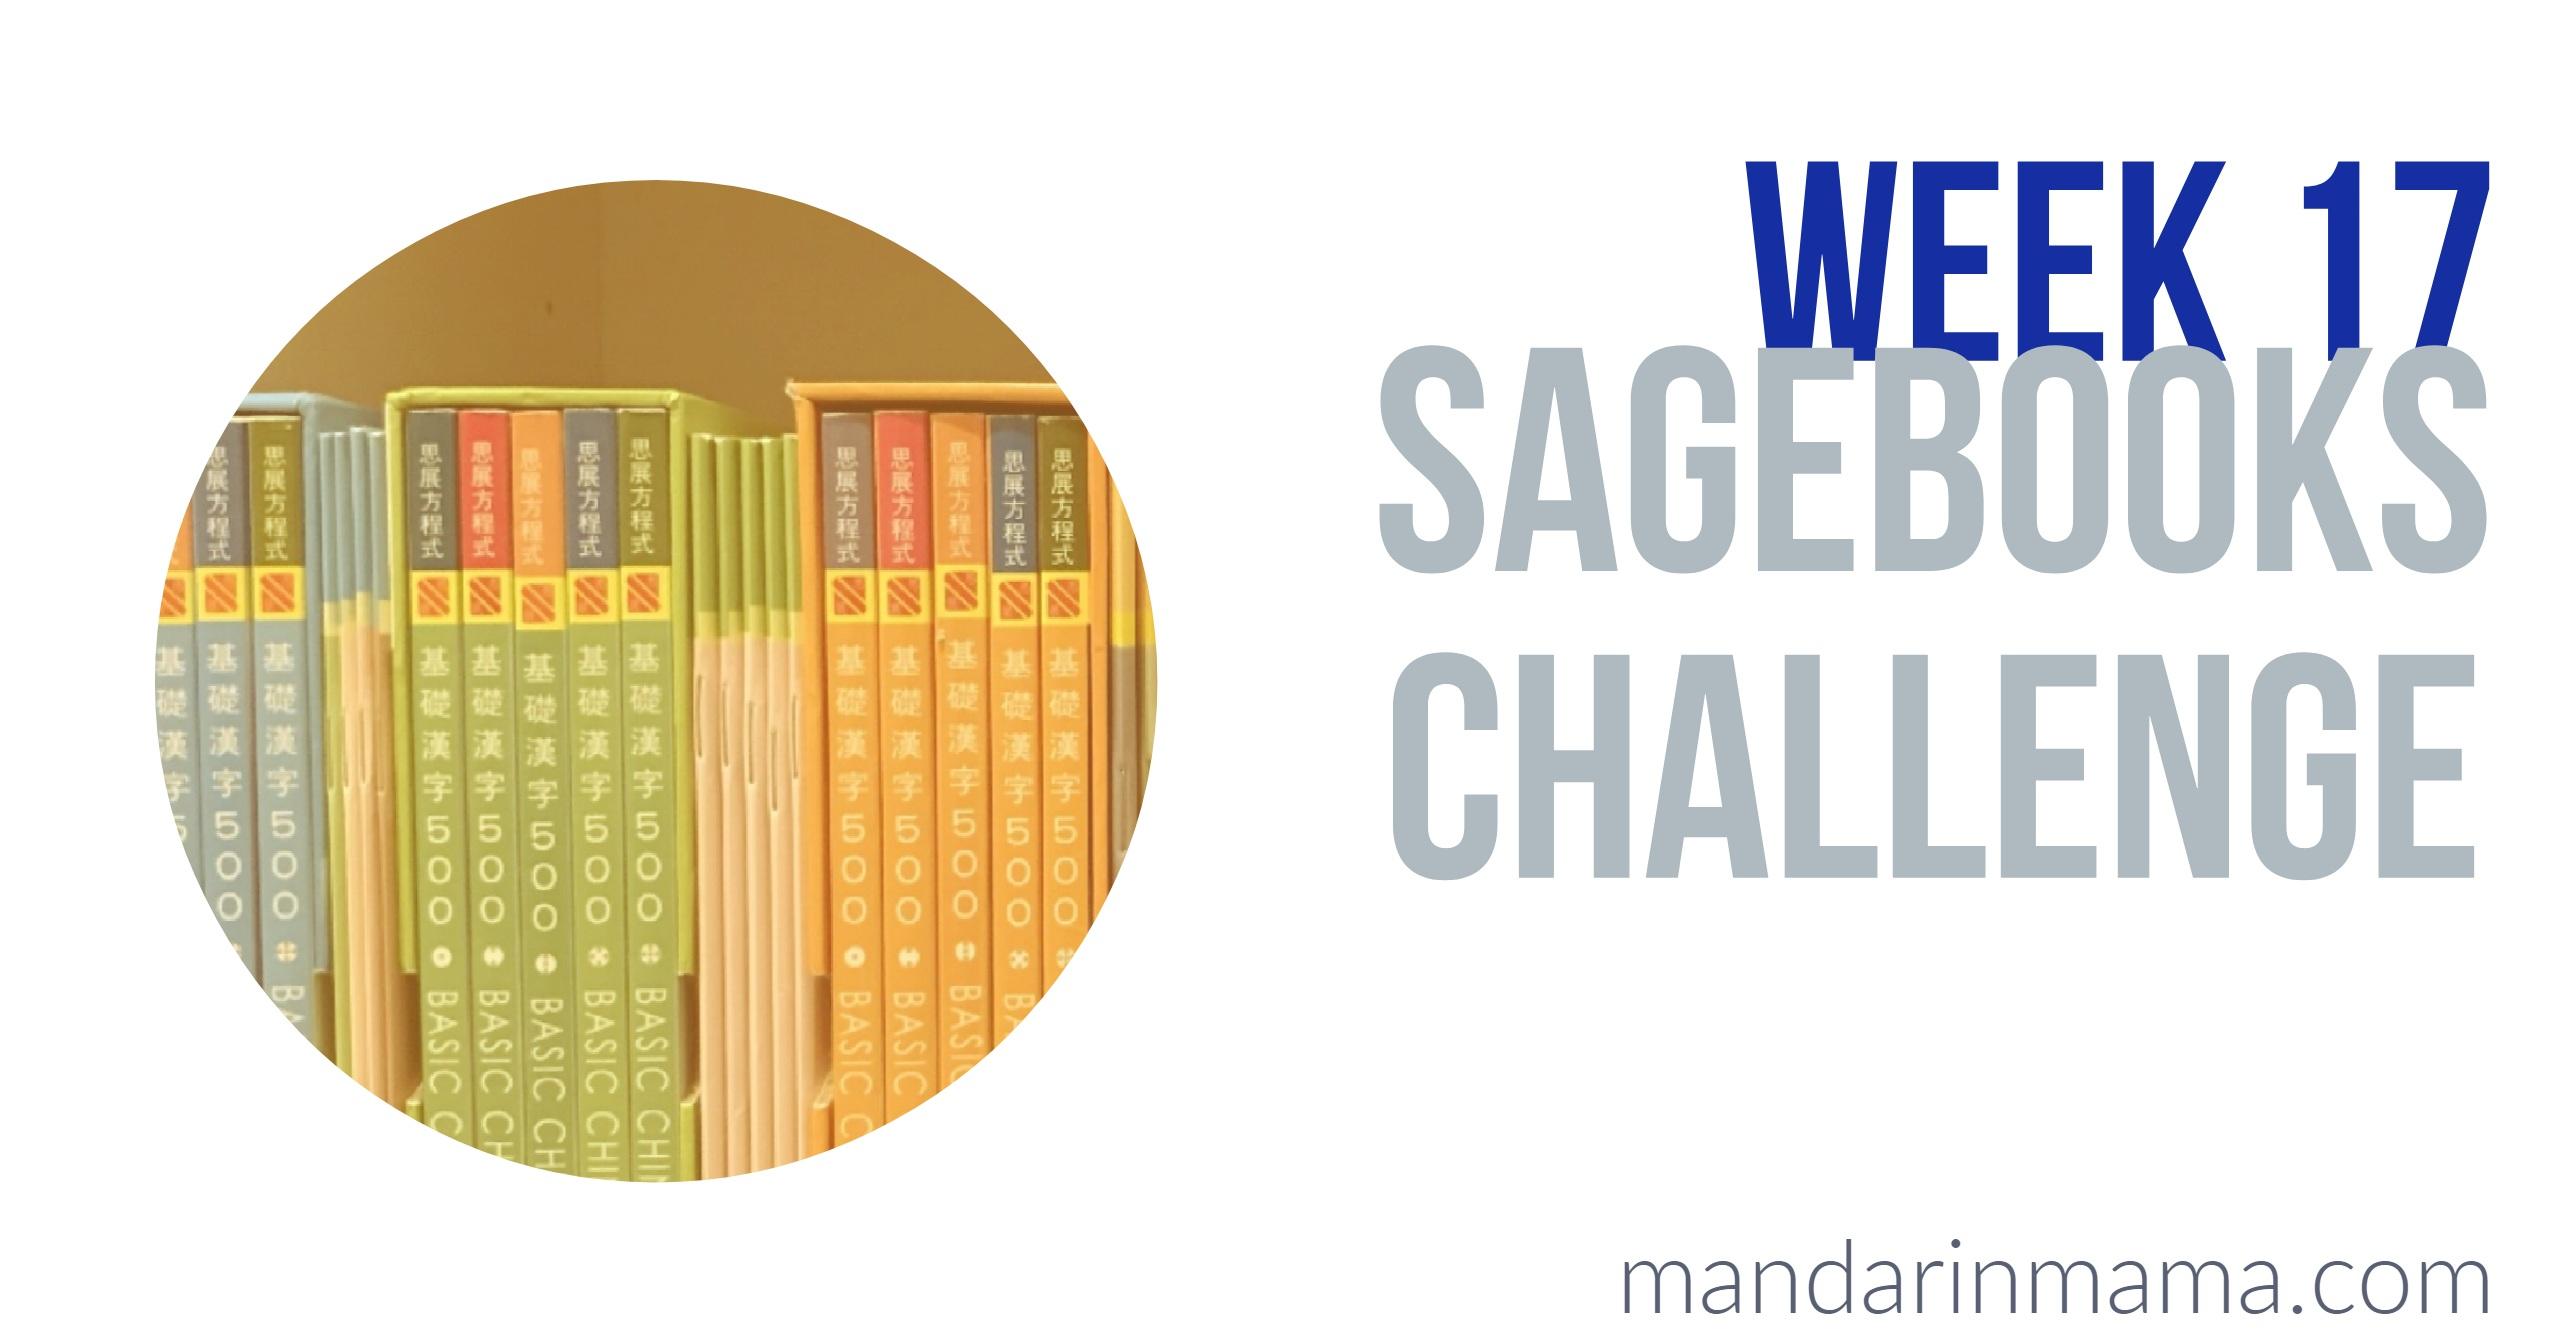 Sagebooks Challenge Week 17